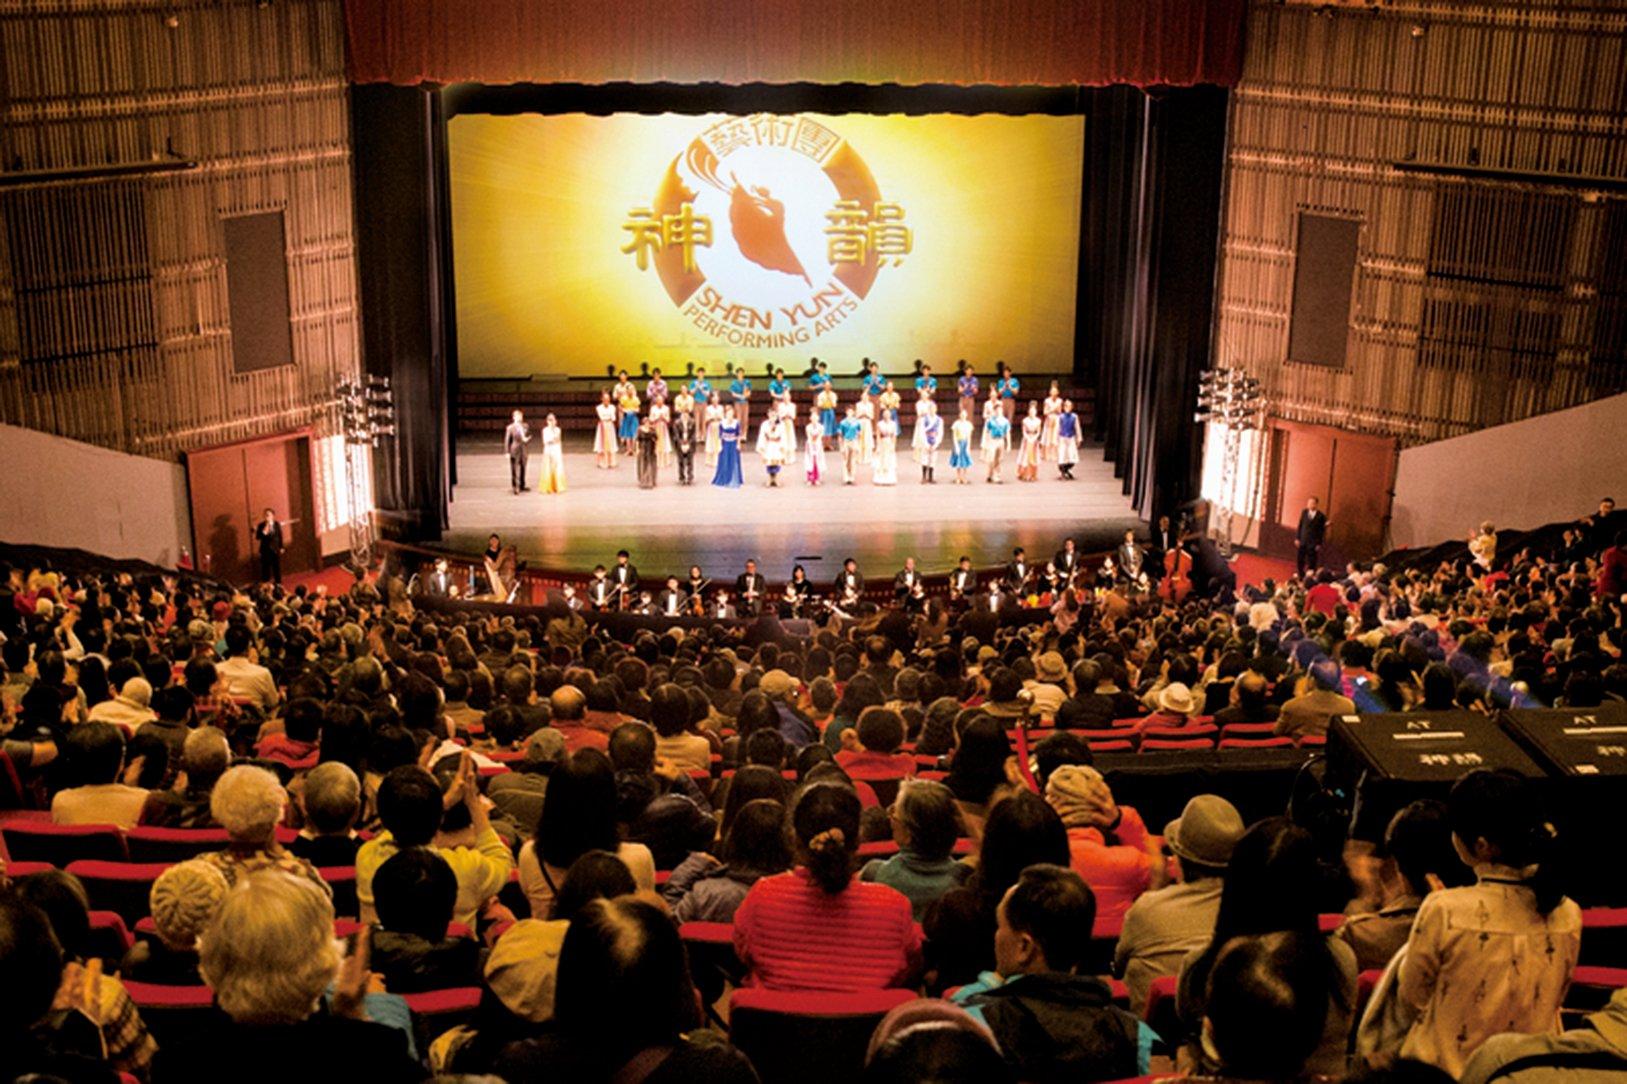 美國神韻紐約藝術團2月15日下午,在台北國父紀念館舉行台灣巡演首場演出,現場座無虛席。(陳柏州/大紀元)